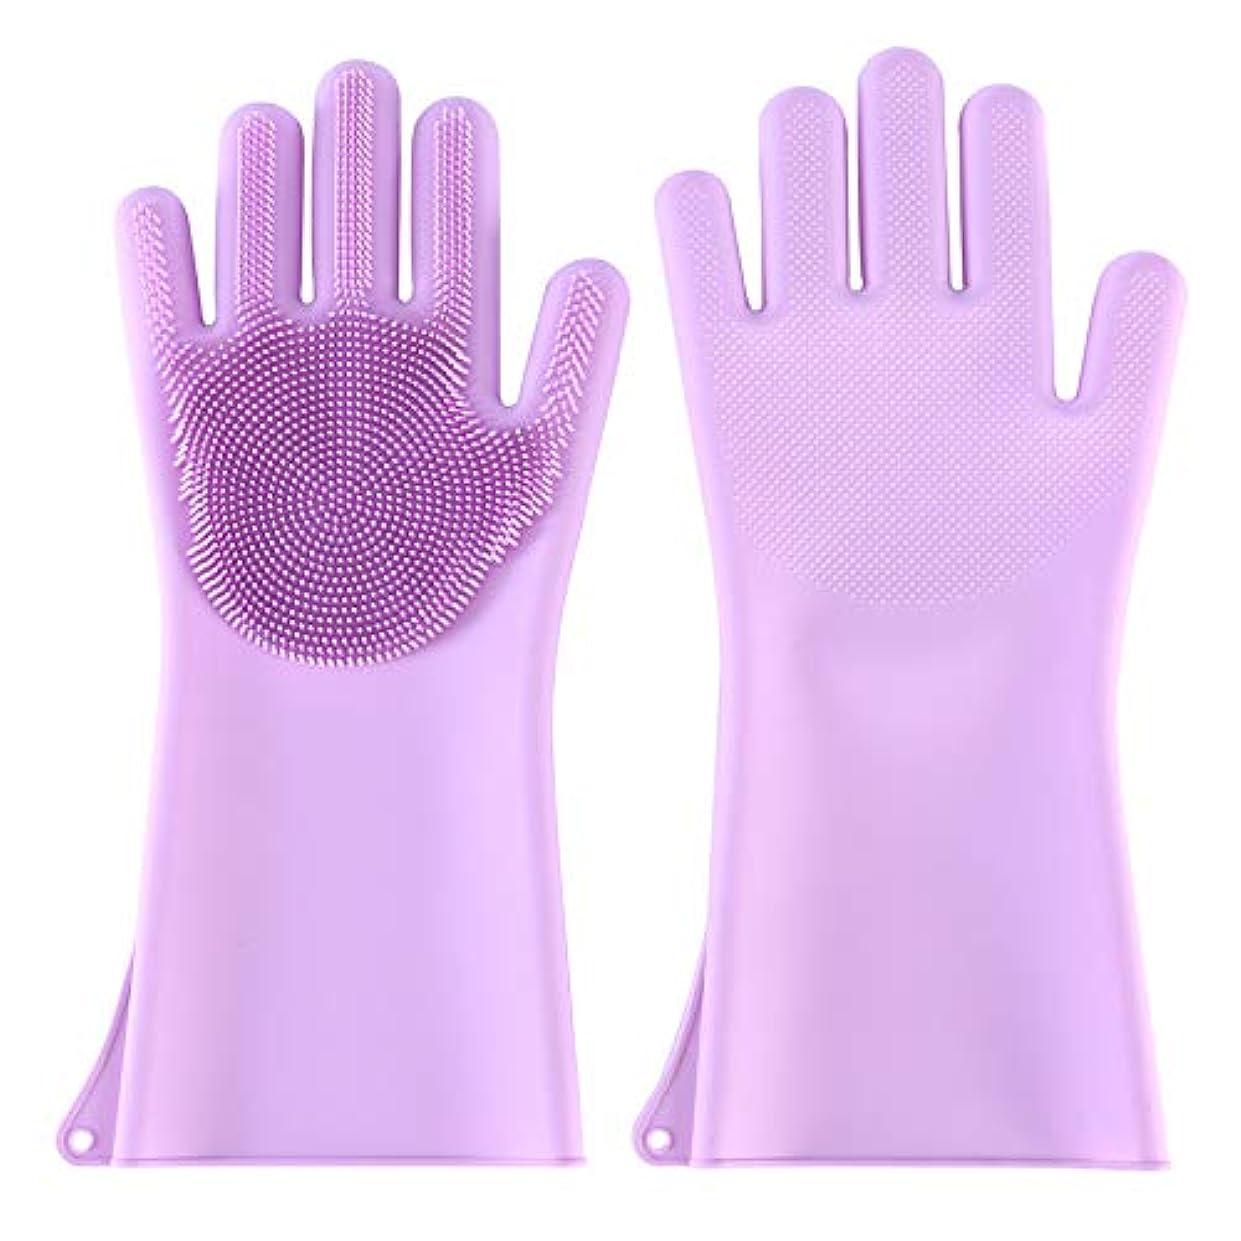 水愛されし者オープニングBTXXYJP ペット ブラシ 手袋 猫 ブラシ グローブ 耐摩耗 クリーナー 抜け毛取り マッサージブラシ 犬 グローブ お手入れ (Color : Purple)